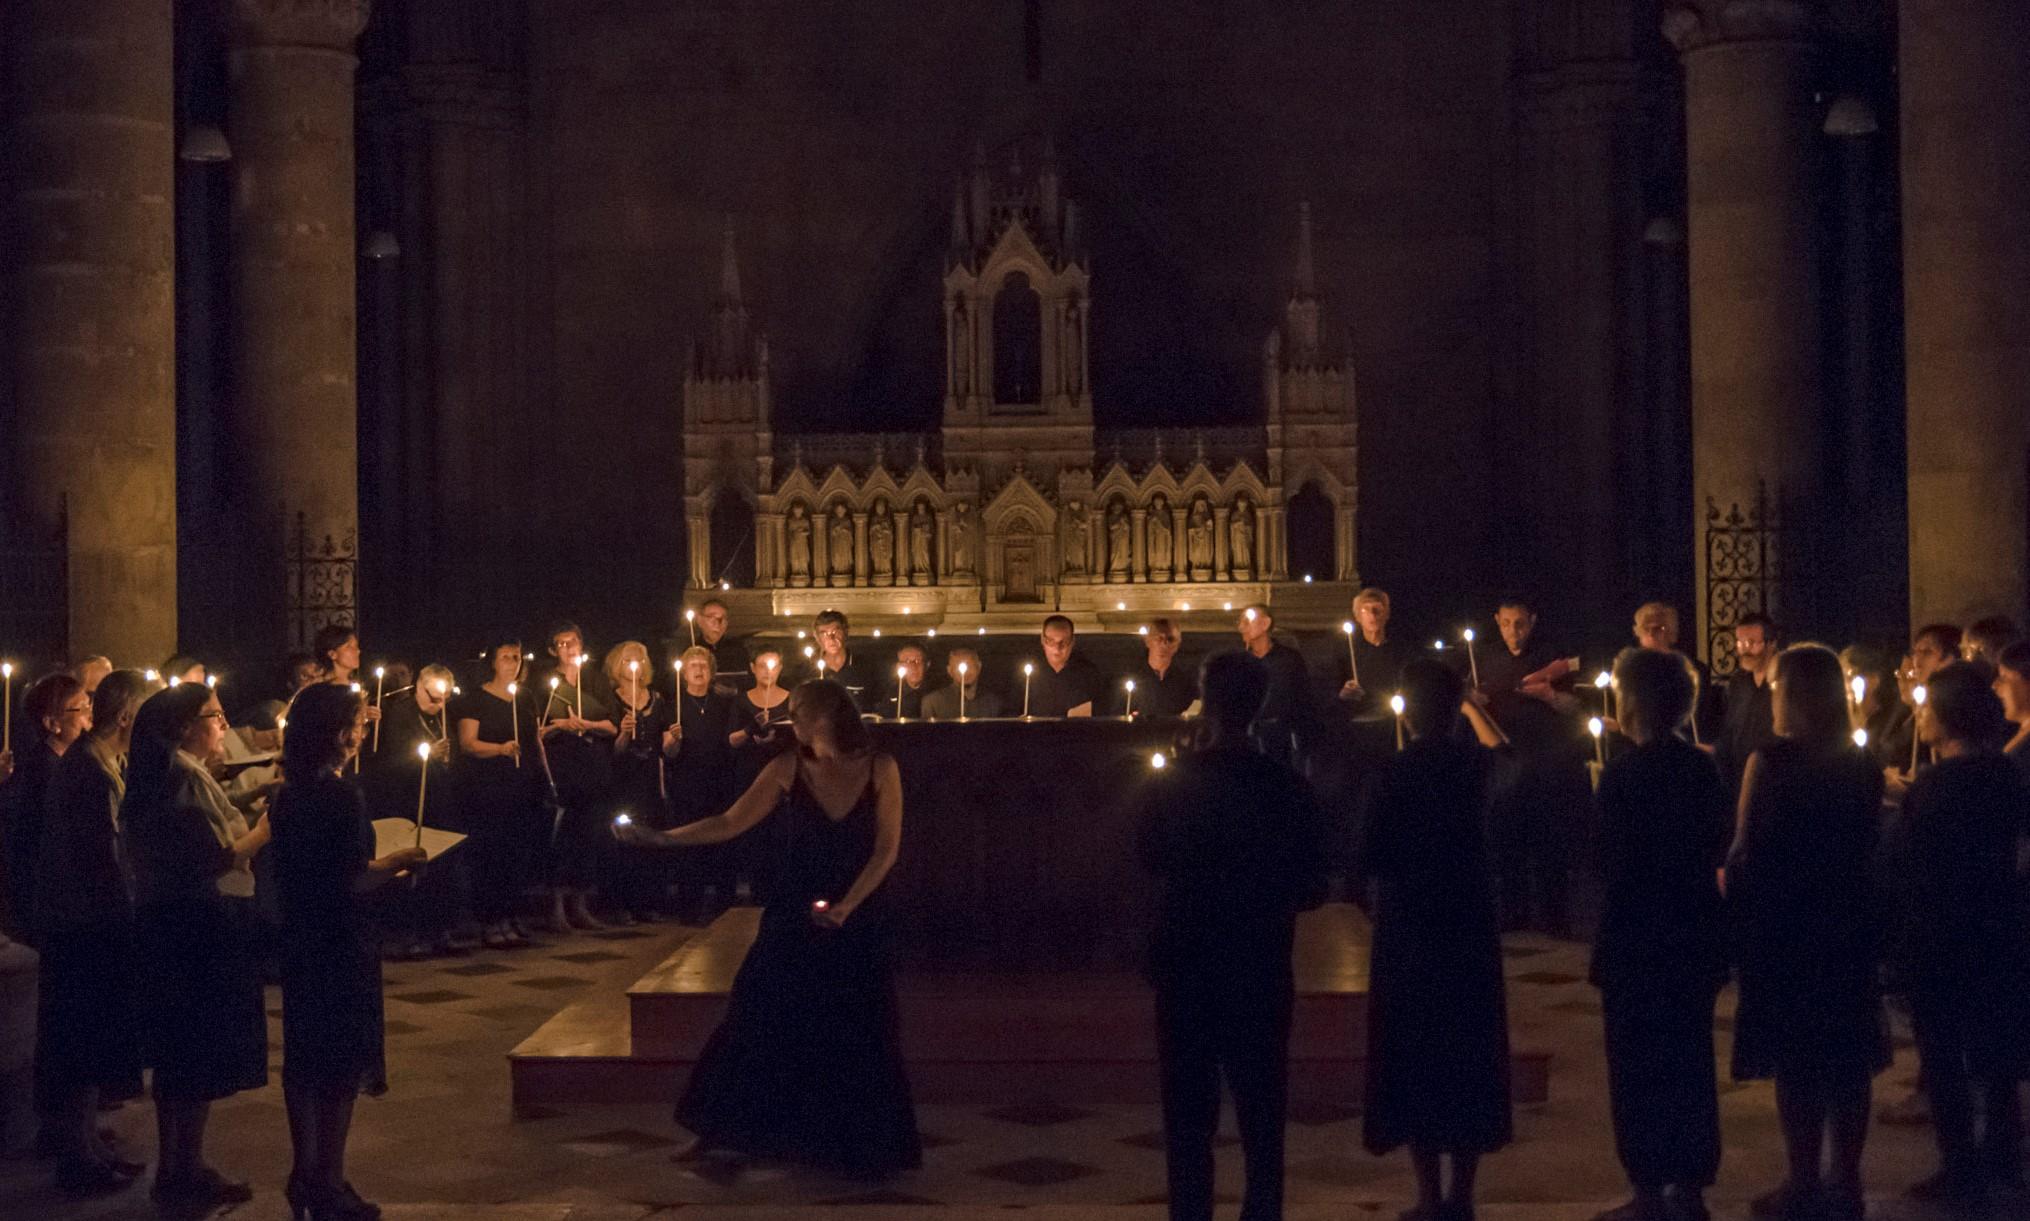 La nuit des églises a St Julien de Tours, 2012. Celebrazione danzante nella notte.